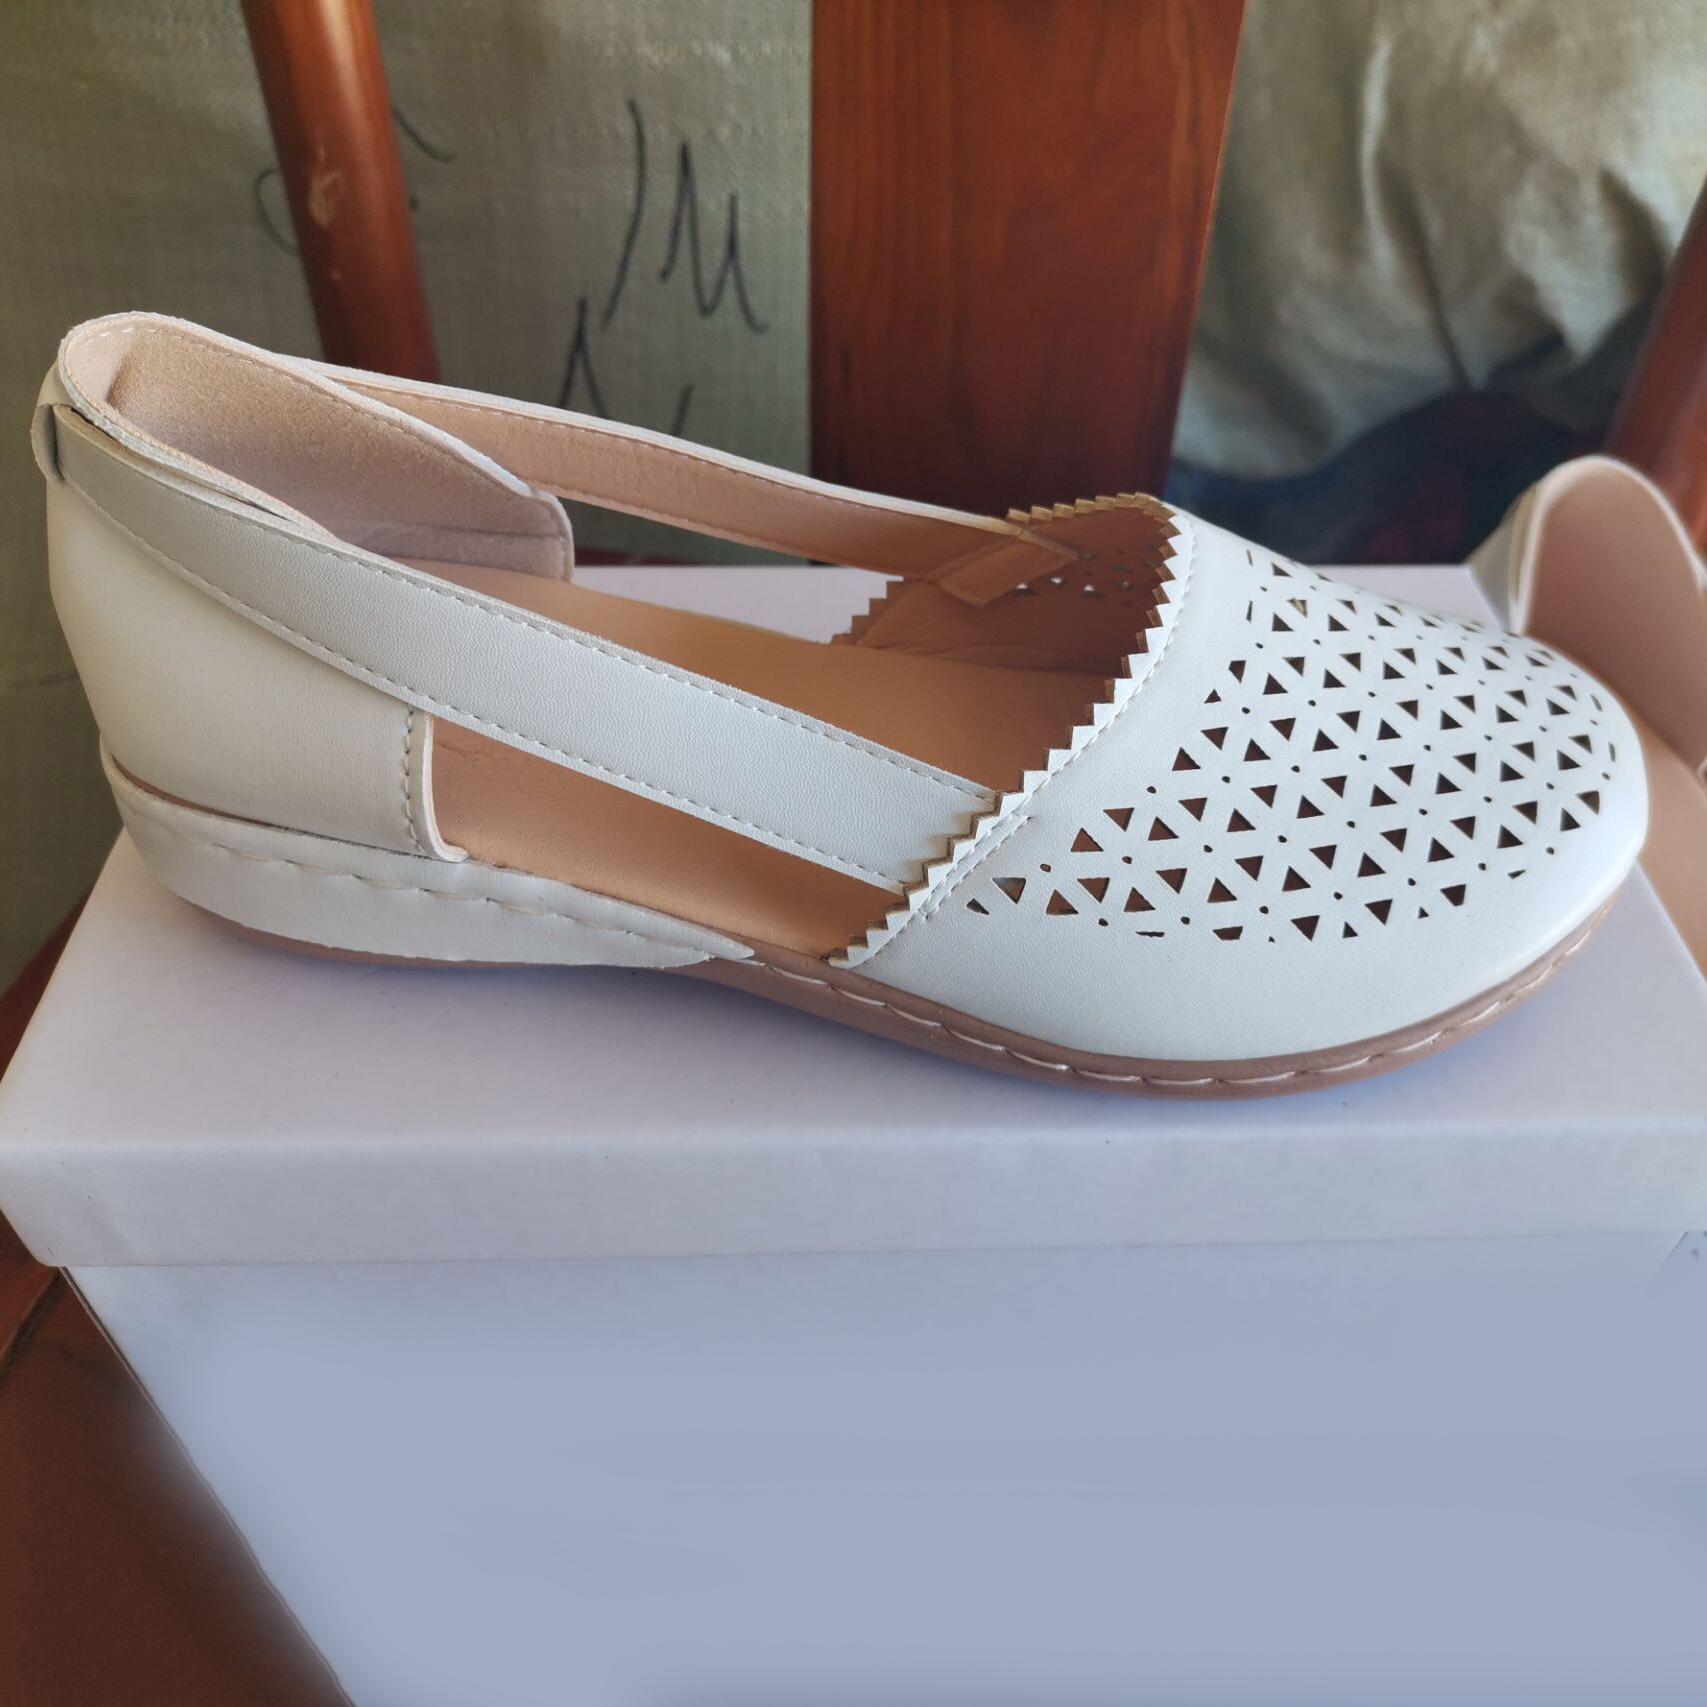 35-43大码女凉鞋洞洞鞋透气外贸新款鞋女夏圆头坡跟跨境中空单鞋